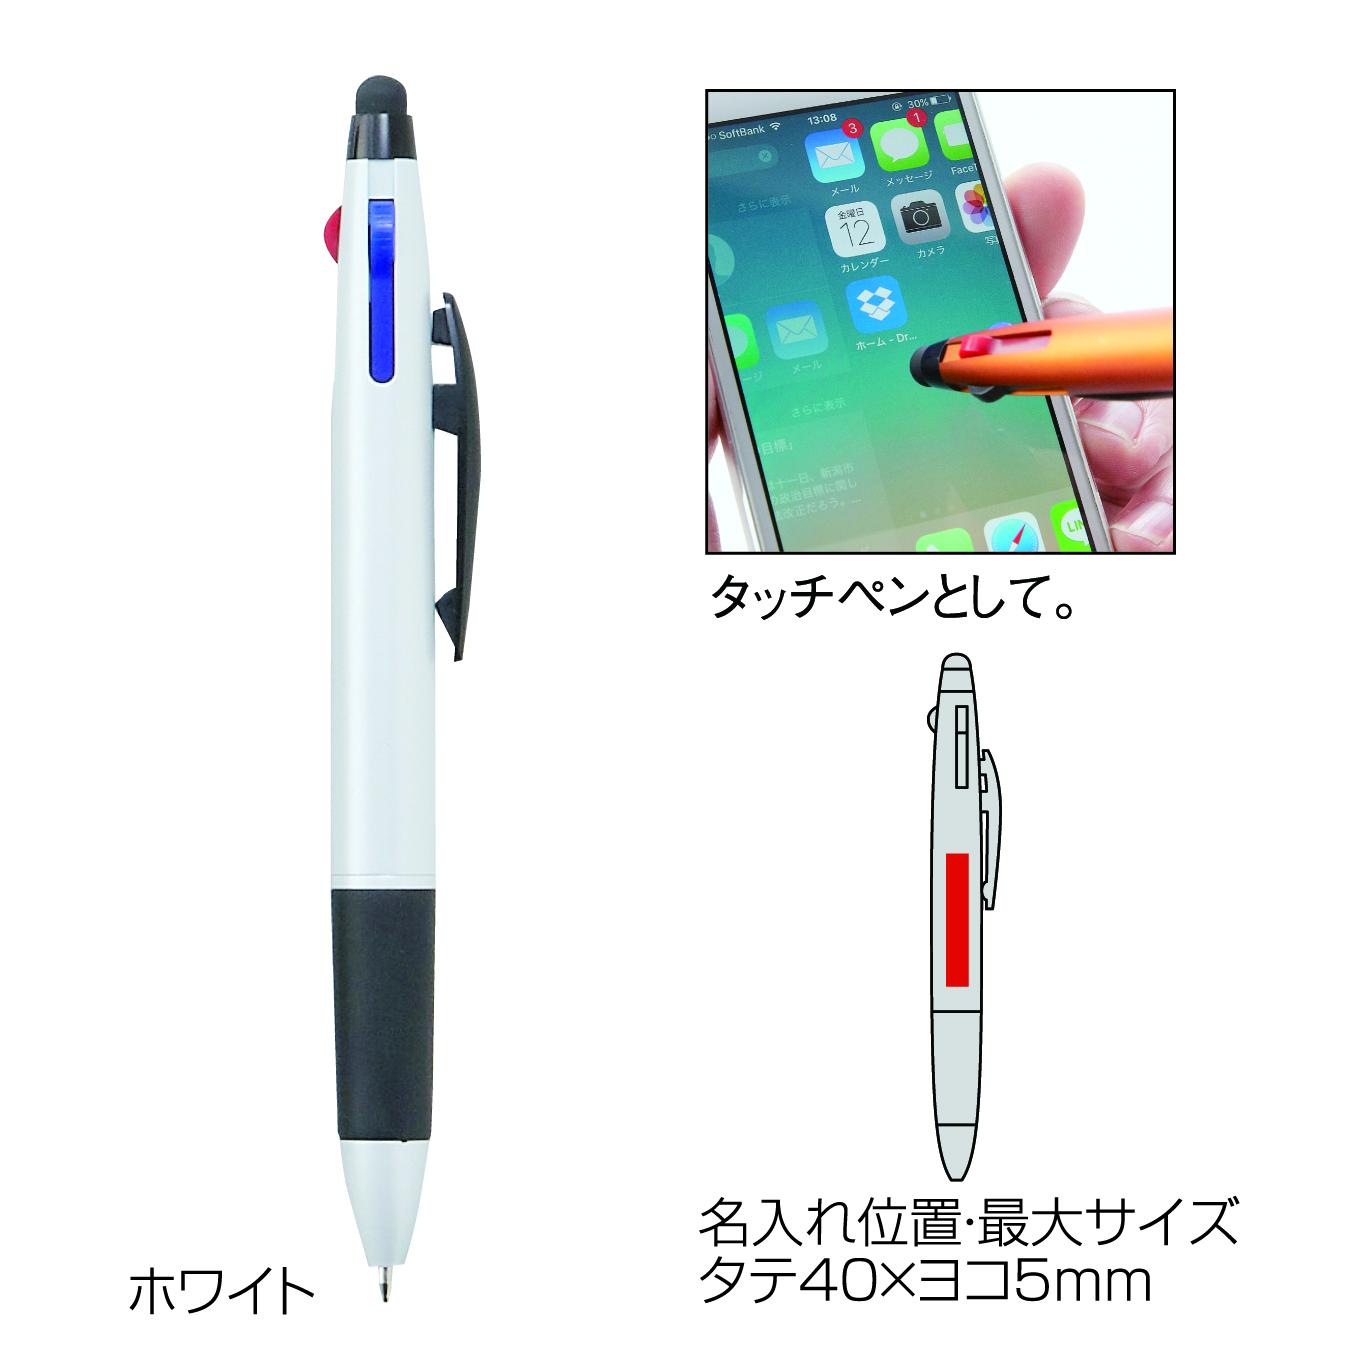 セルトナ・タッチ&3色ボールペン(ホワイト)